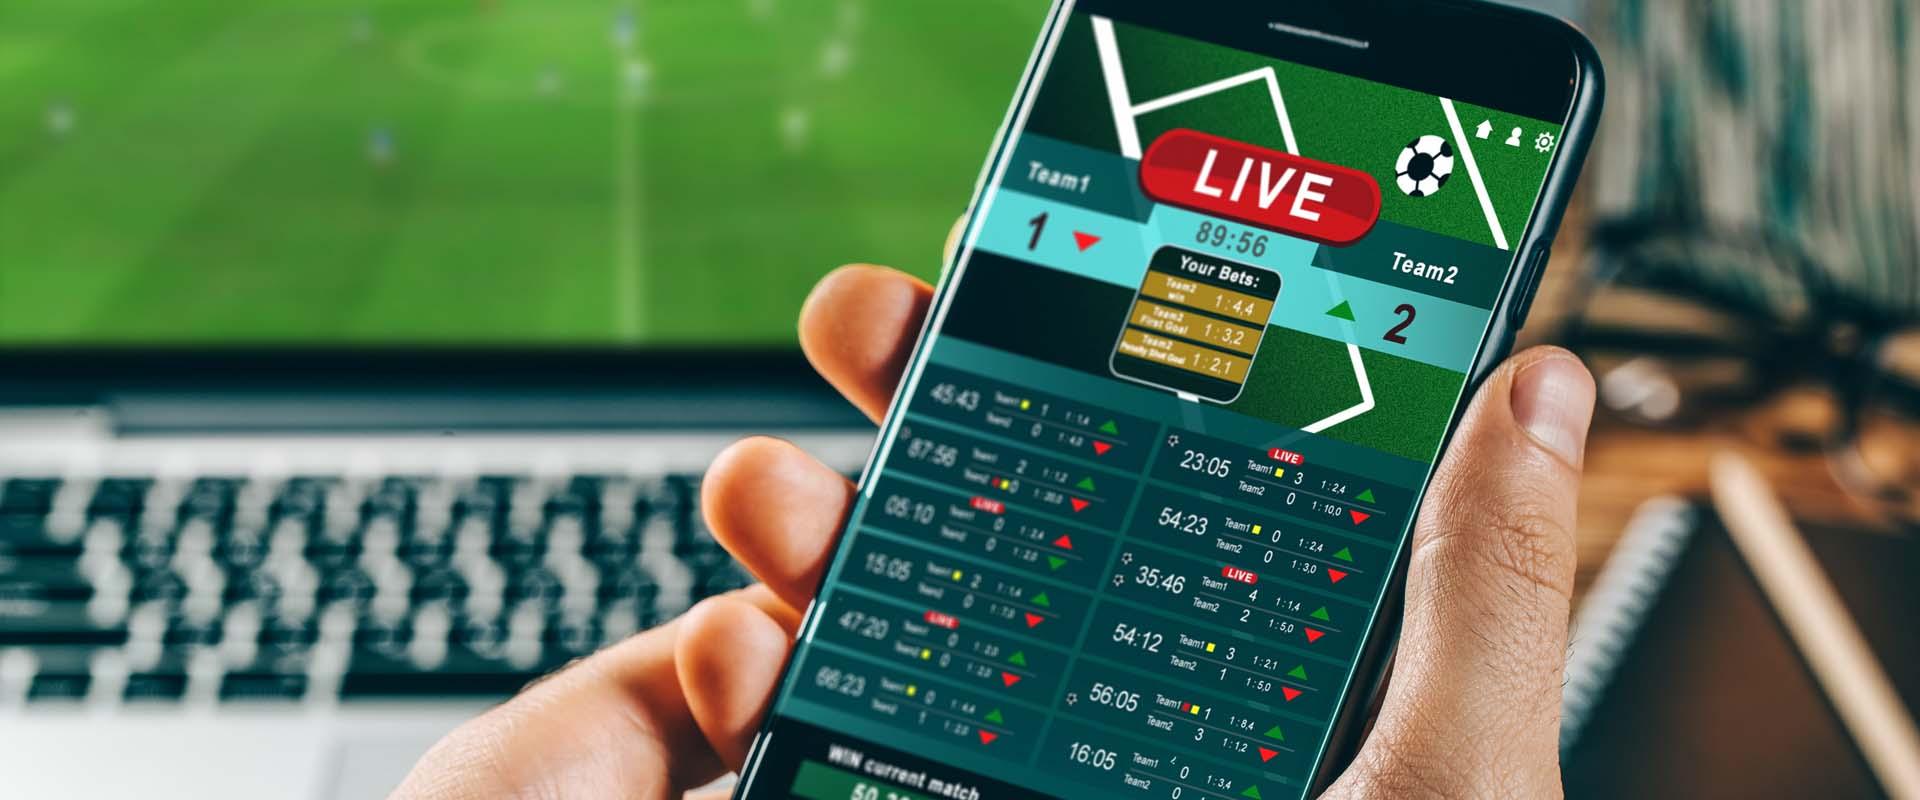 betting standstill background